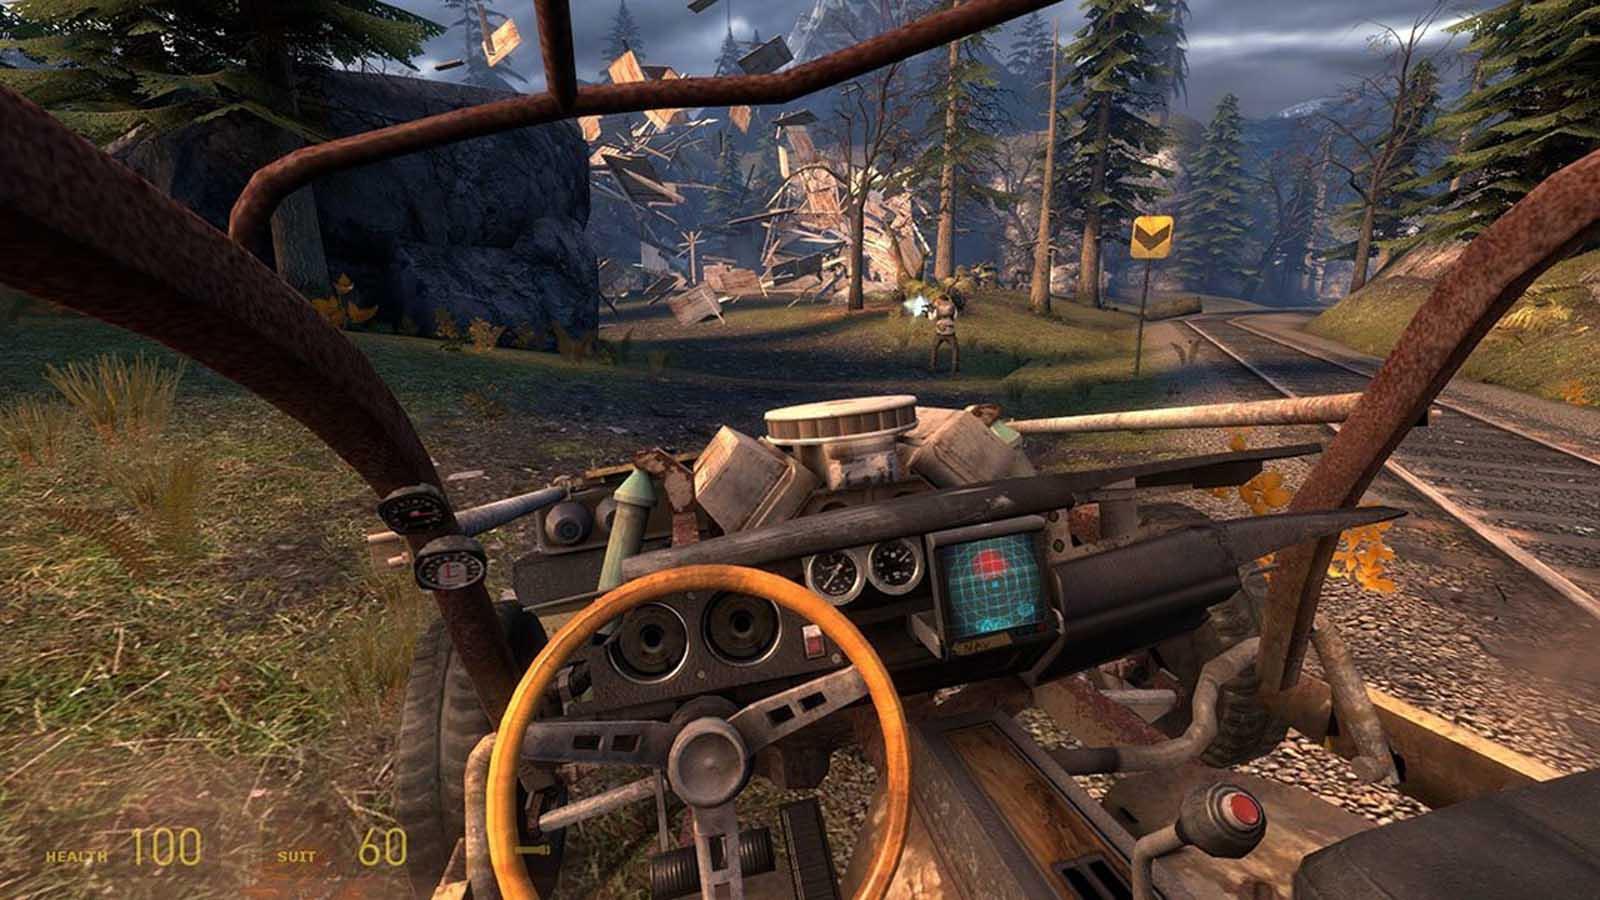 تحميل لعبة Half Life 2 Episode Two مضغوطة كاملة بروابط مباشرة مجانا